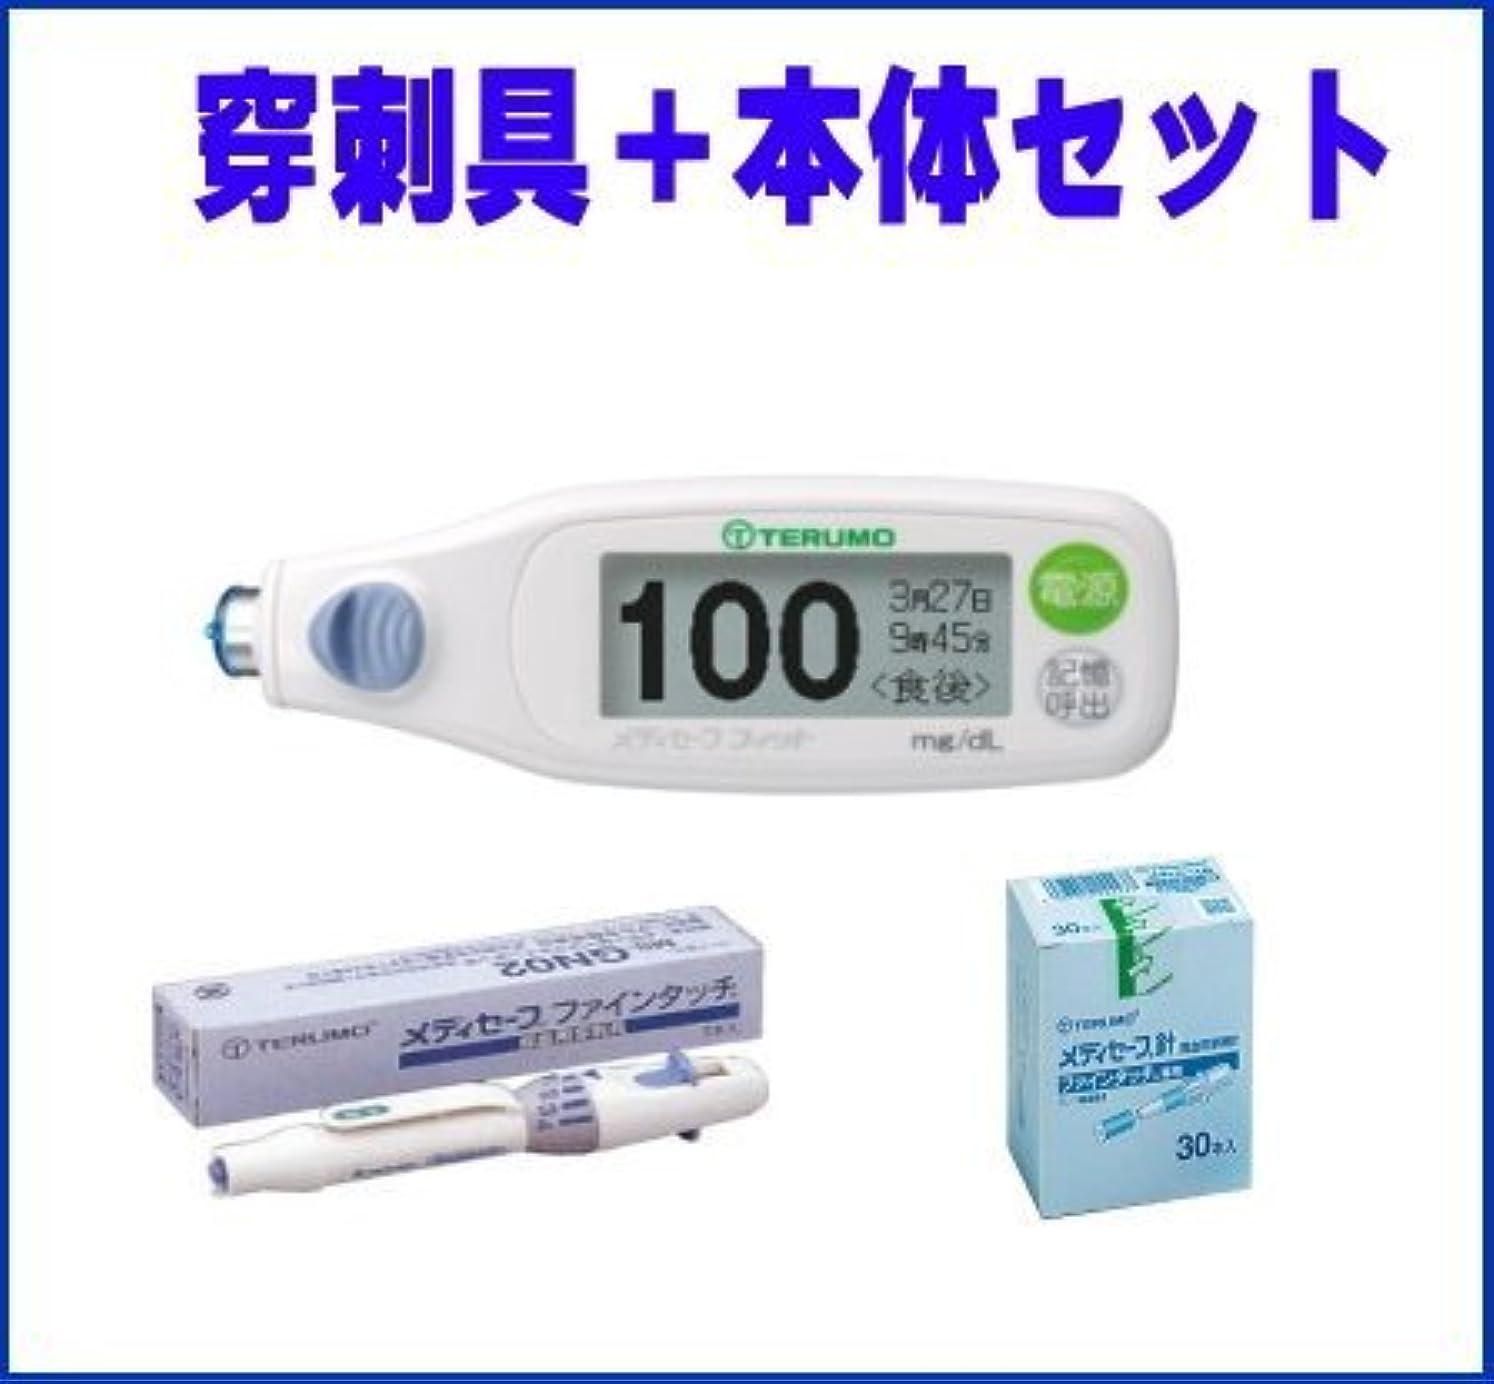 勇気のある地上で見捨てられたメディセーフフィット 穿刺具セット(ファインタッチ+メディセーフ針) 血糖測定器 3点セット